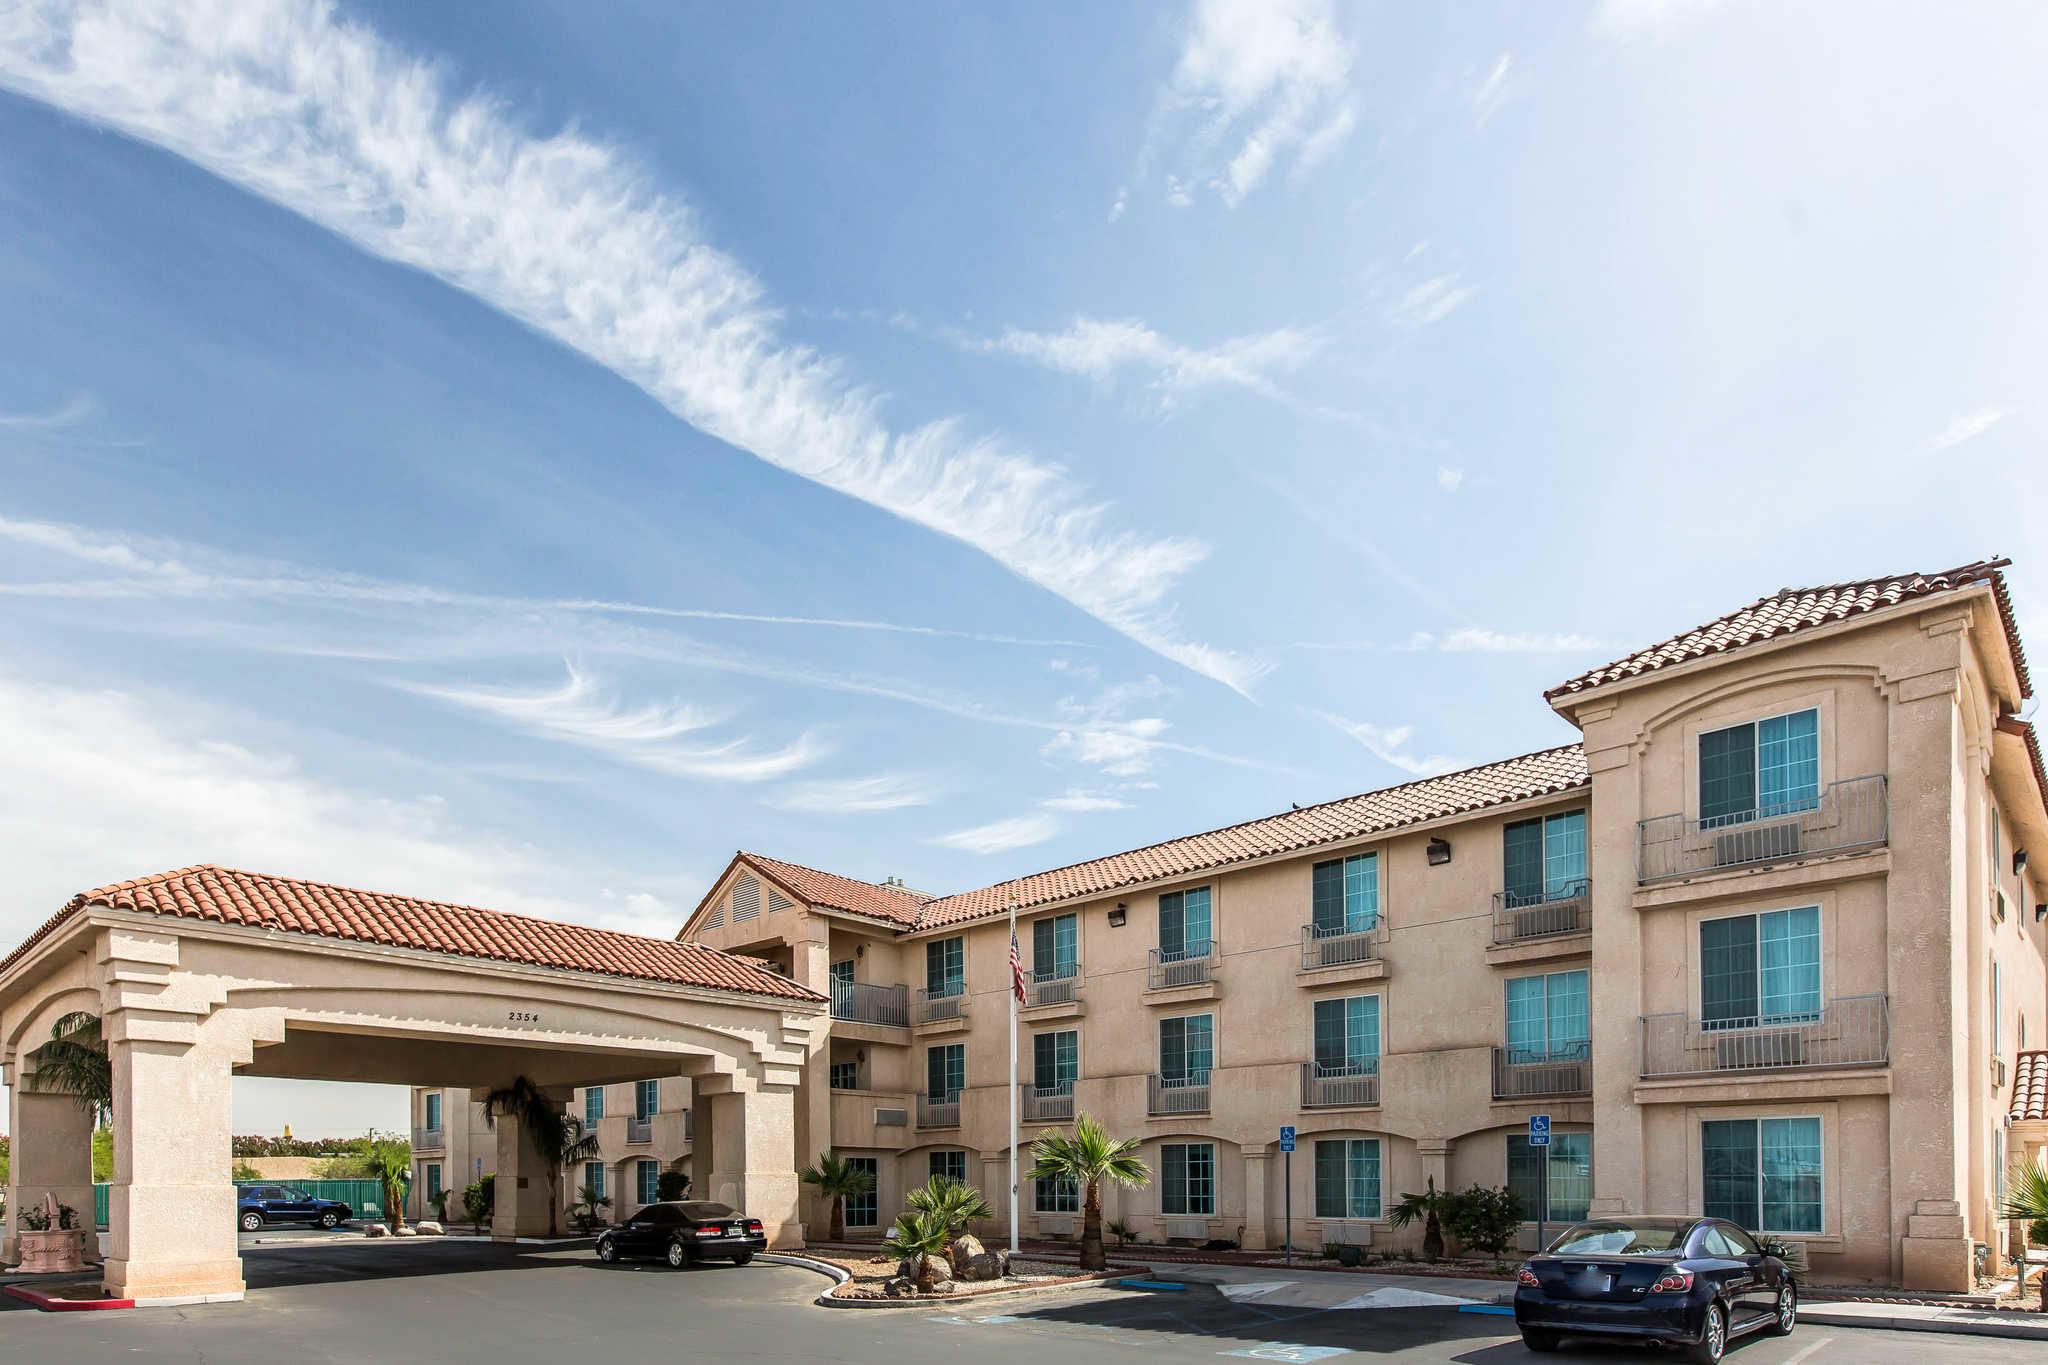 Comfort Inn & Suites El Centro I-8 image 1